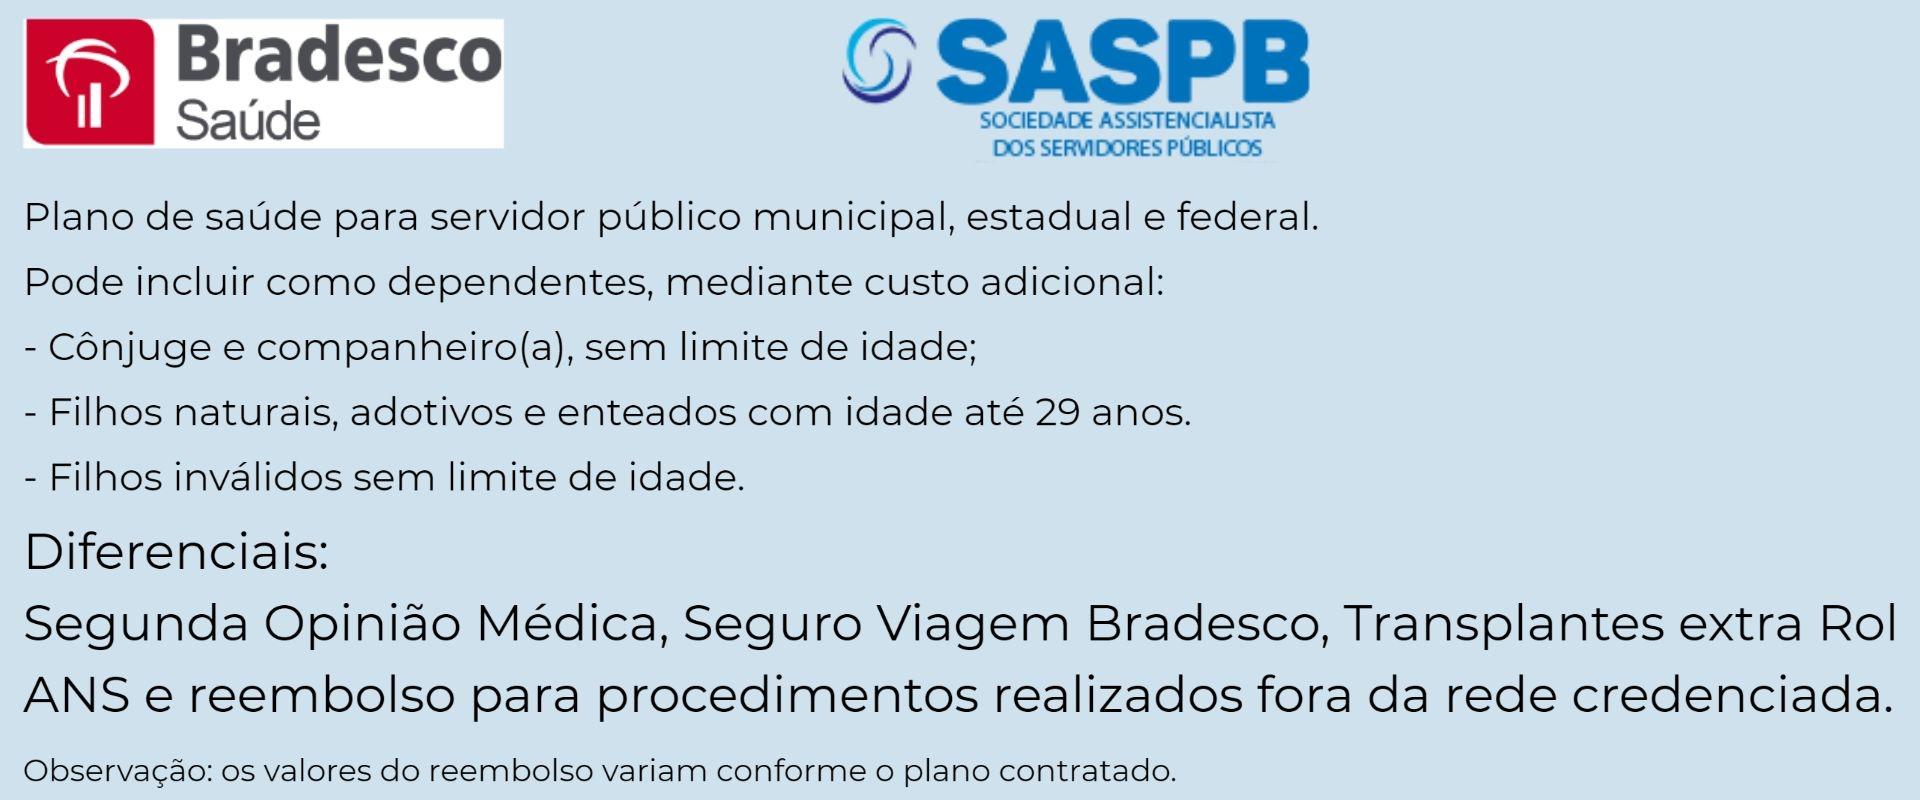 Bradesco Saúde SASPB-RJ